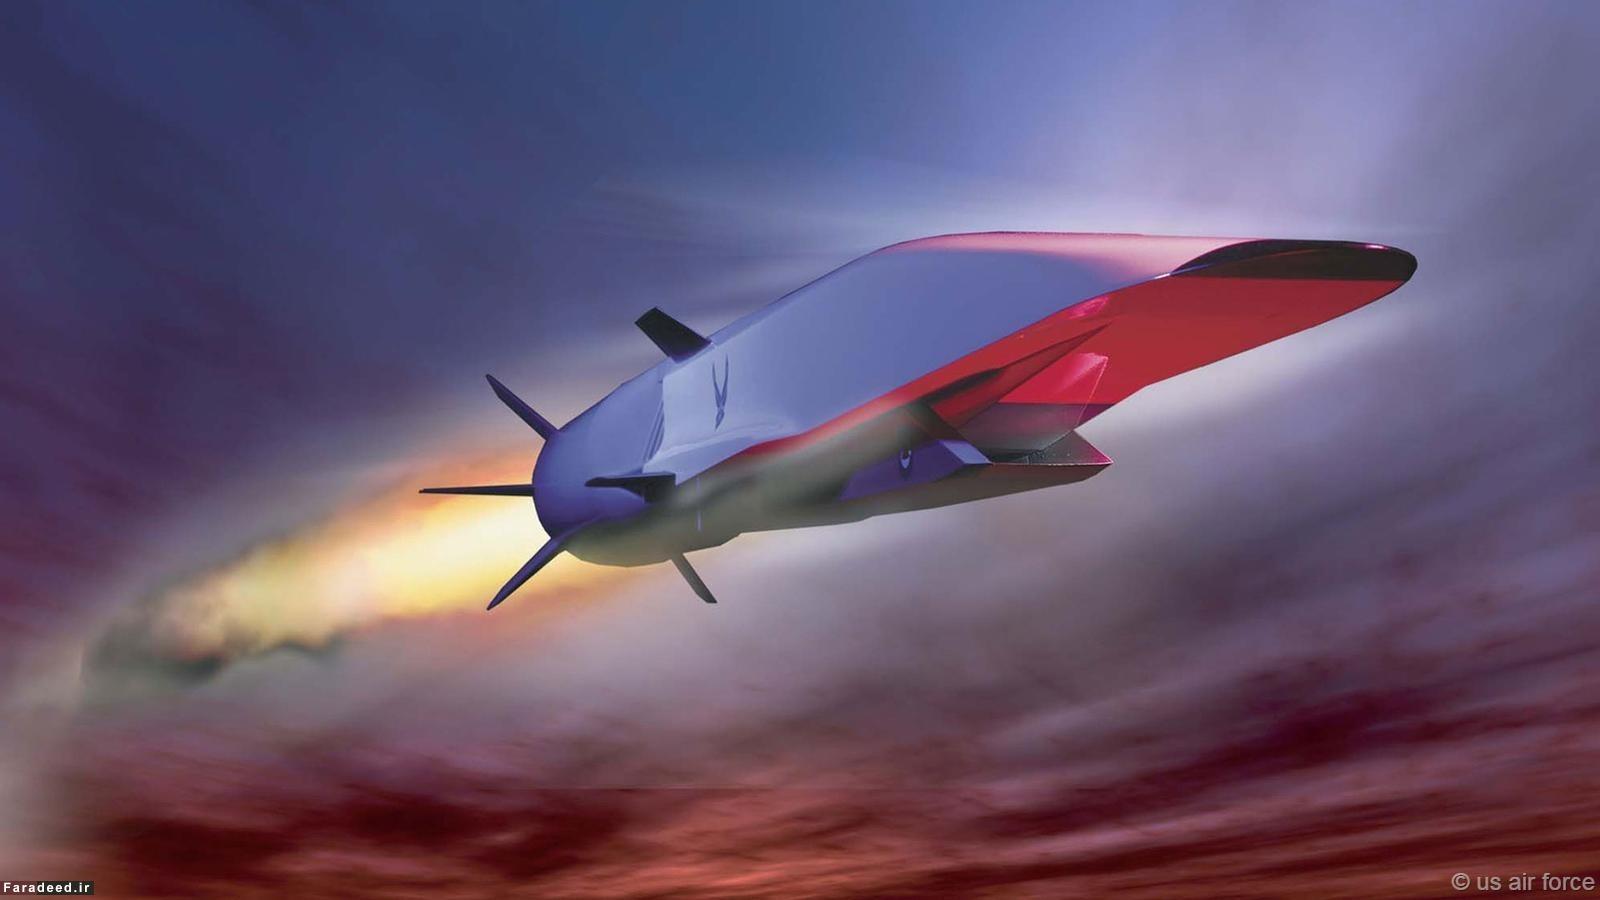 نهایت سرعت بشر چقدر است؟